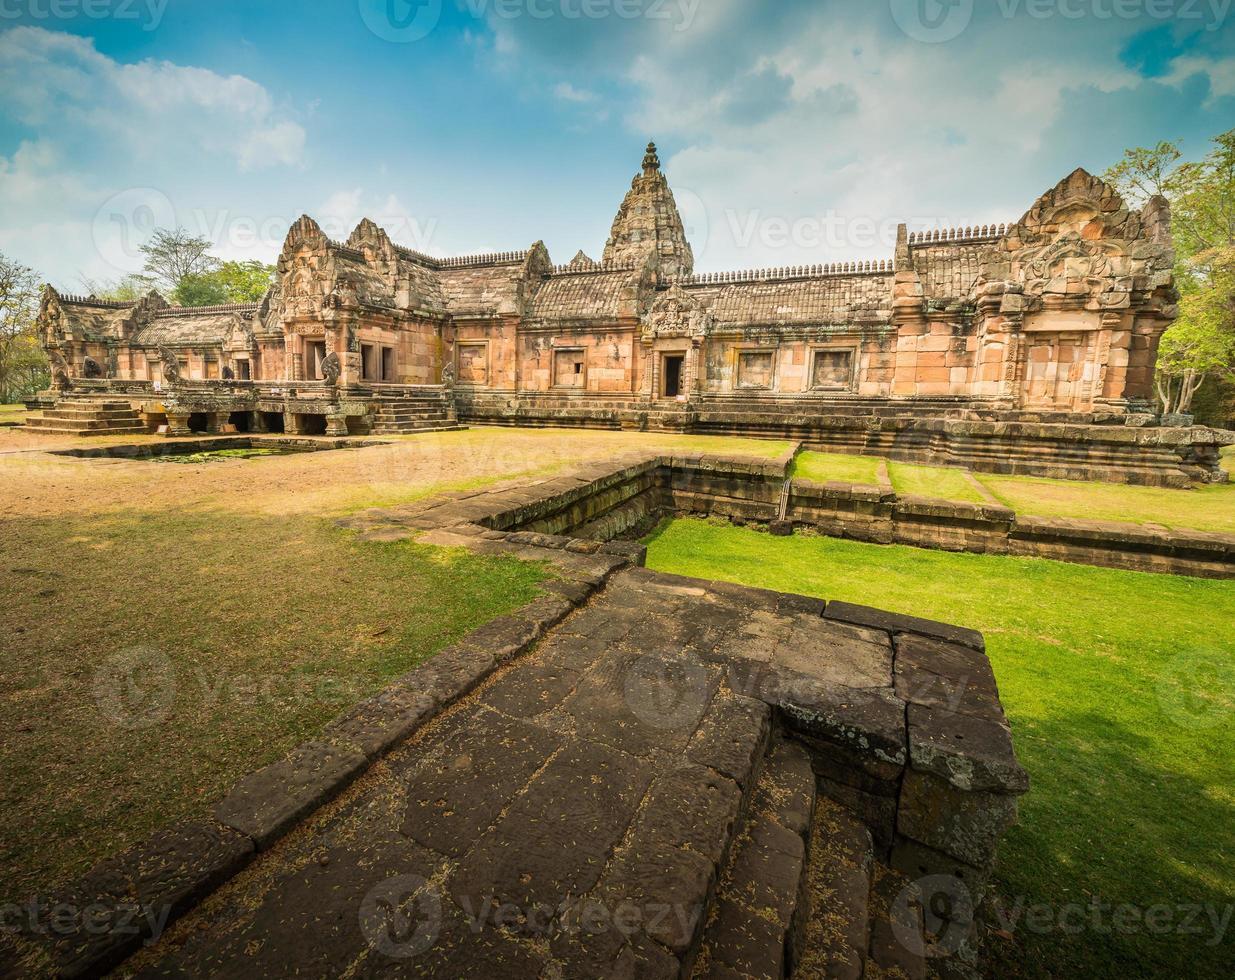 Phanom ha suonato il parco storico foto